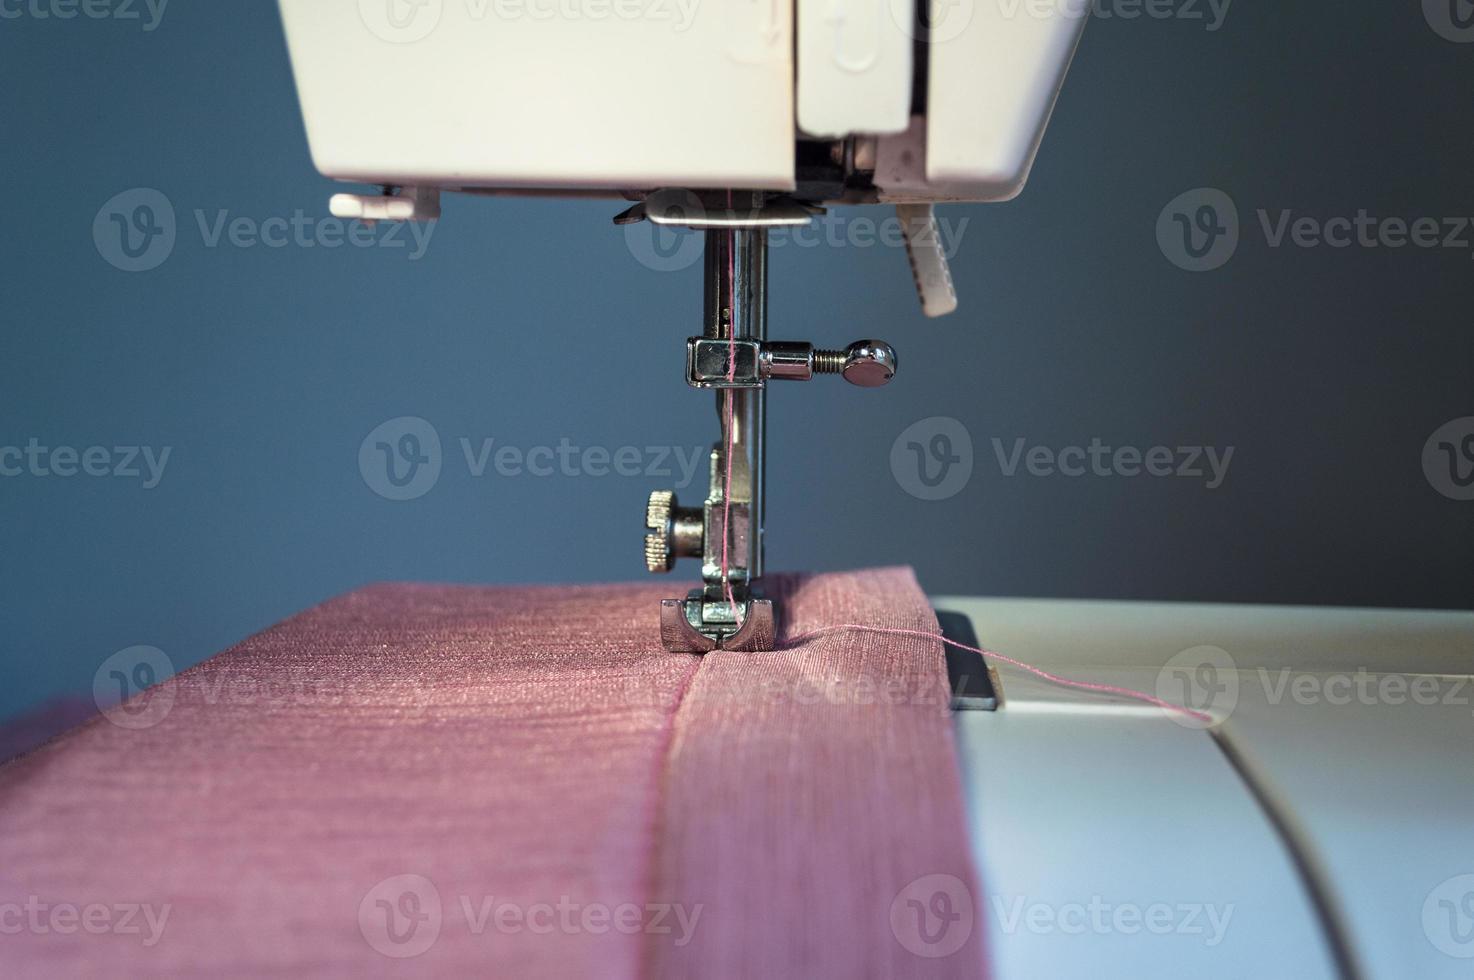 la máquina de coser está lista para funcionar foto